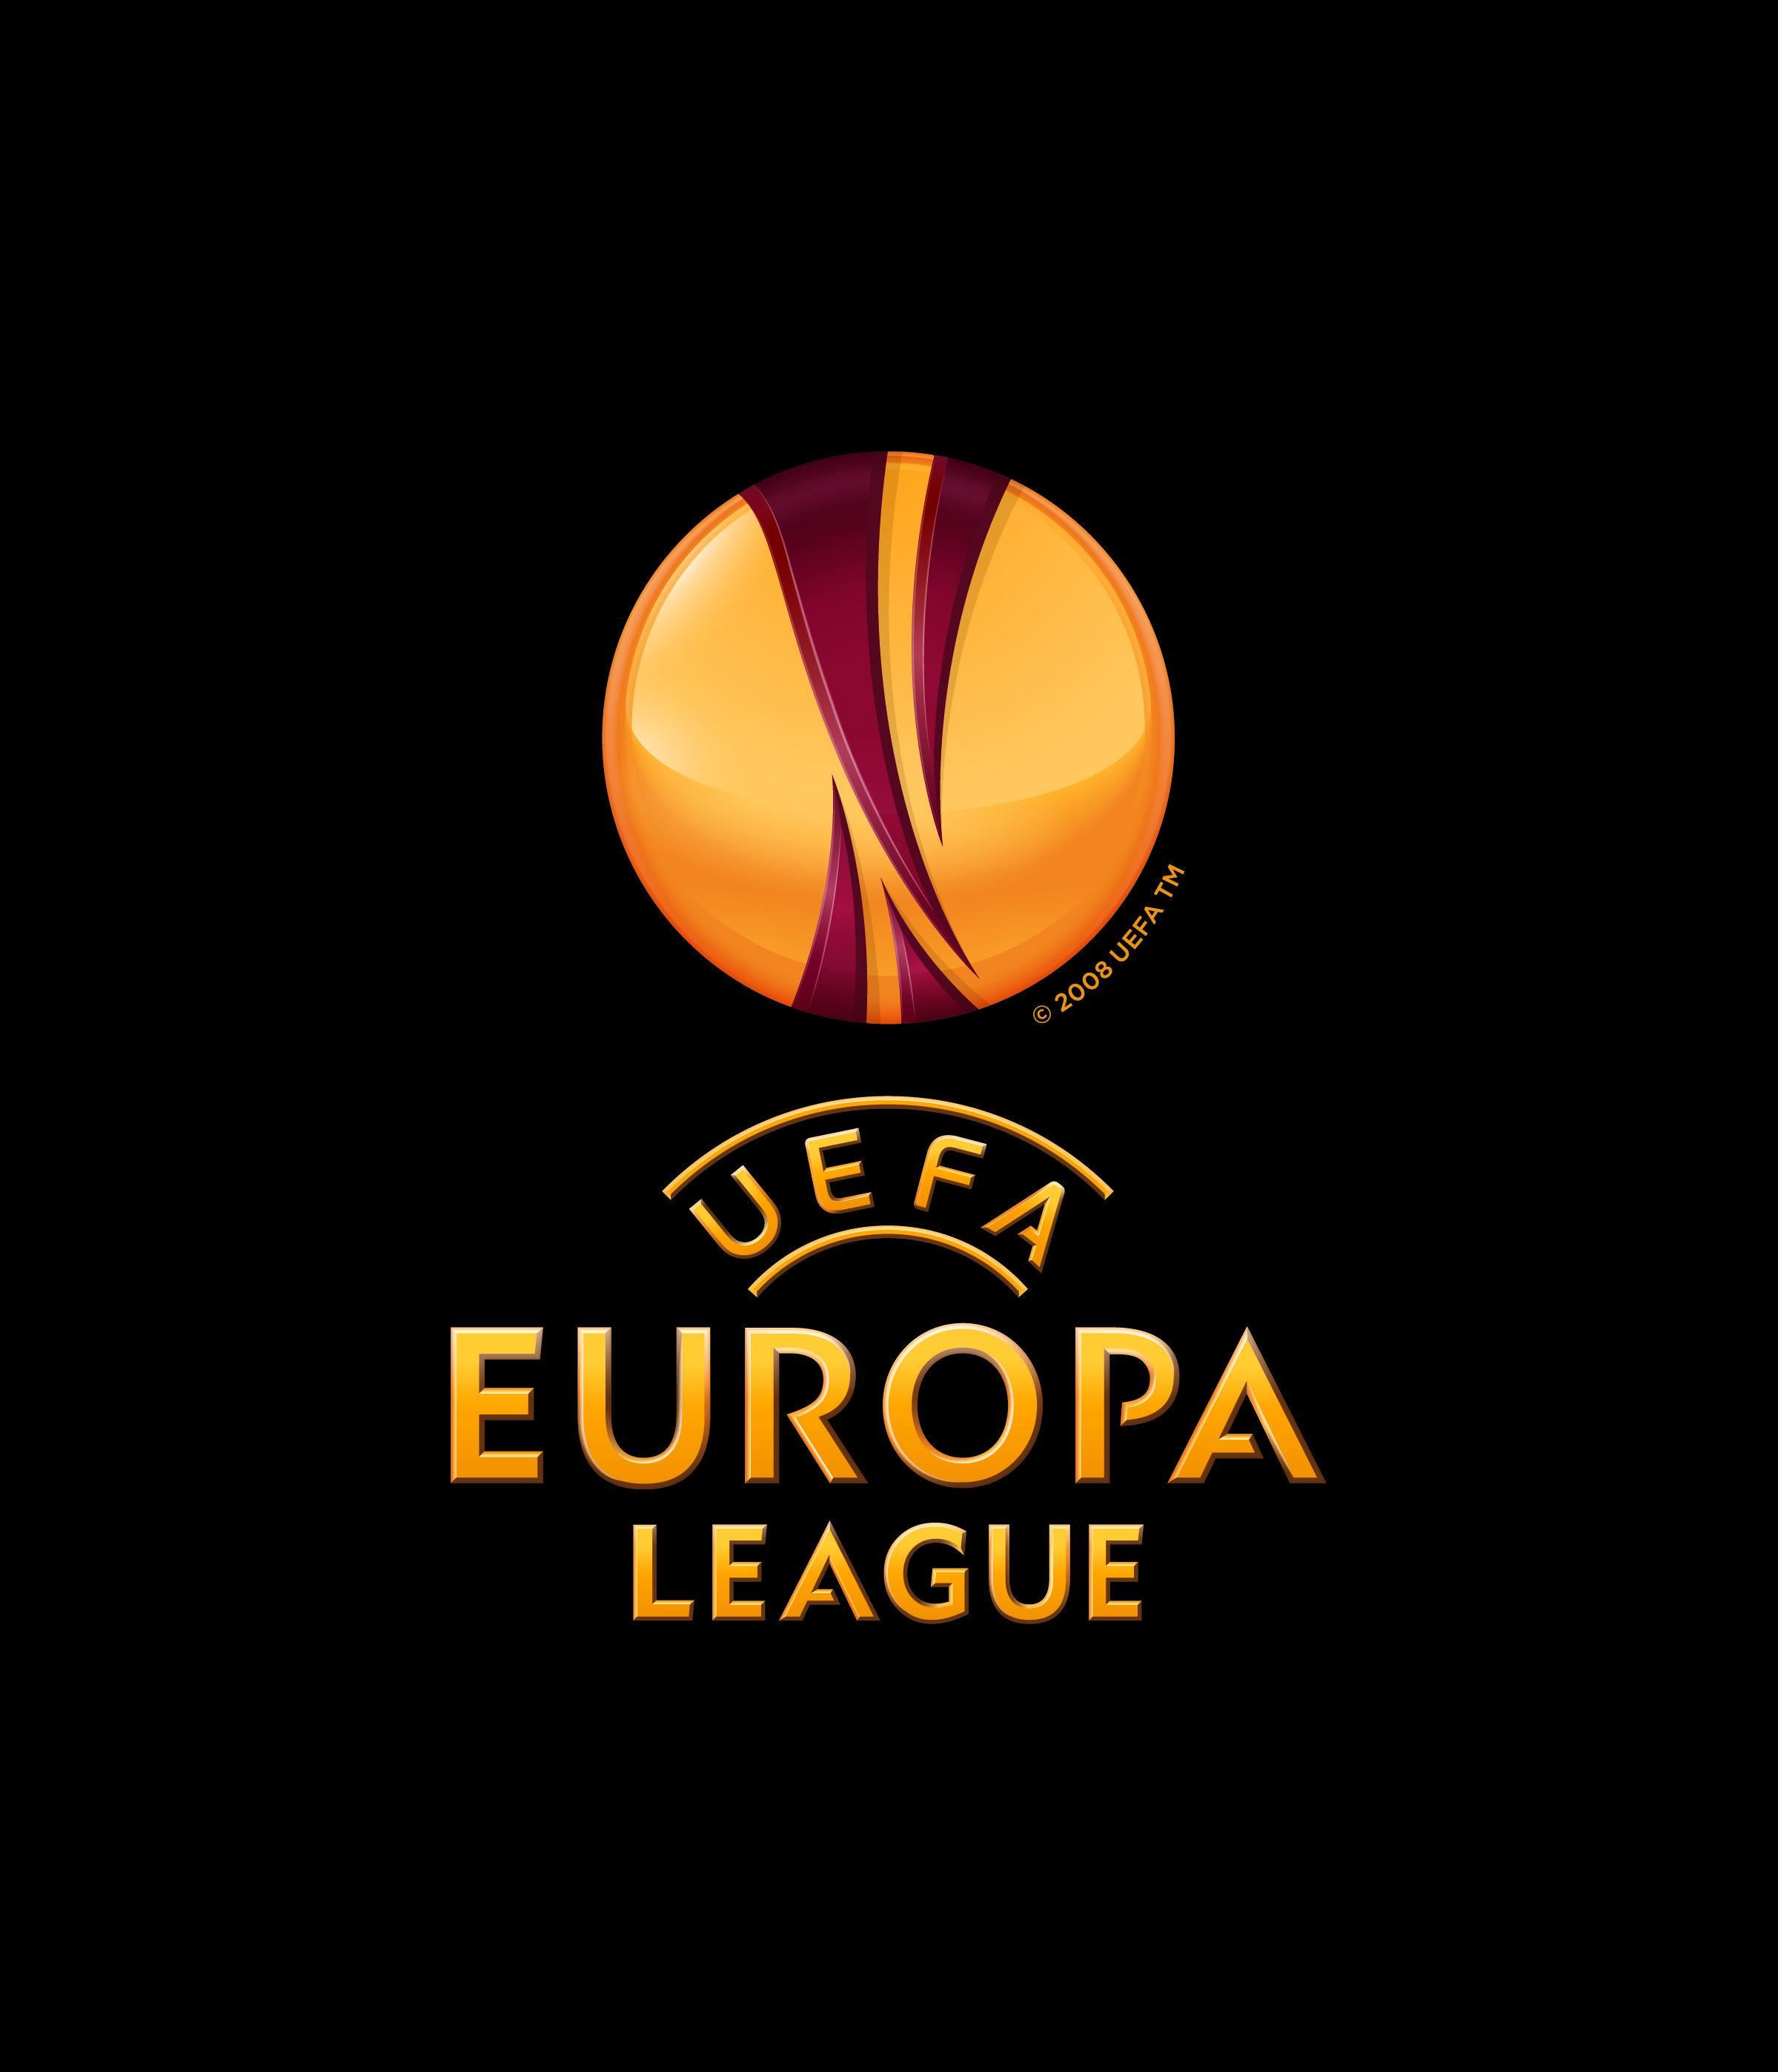 uefa europa league logo ac milan milan 25 agustus uefa europa league logo ac milan